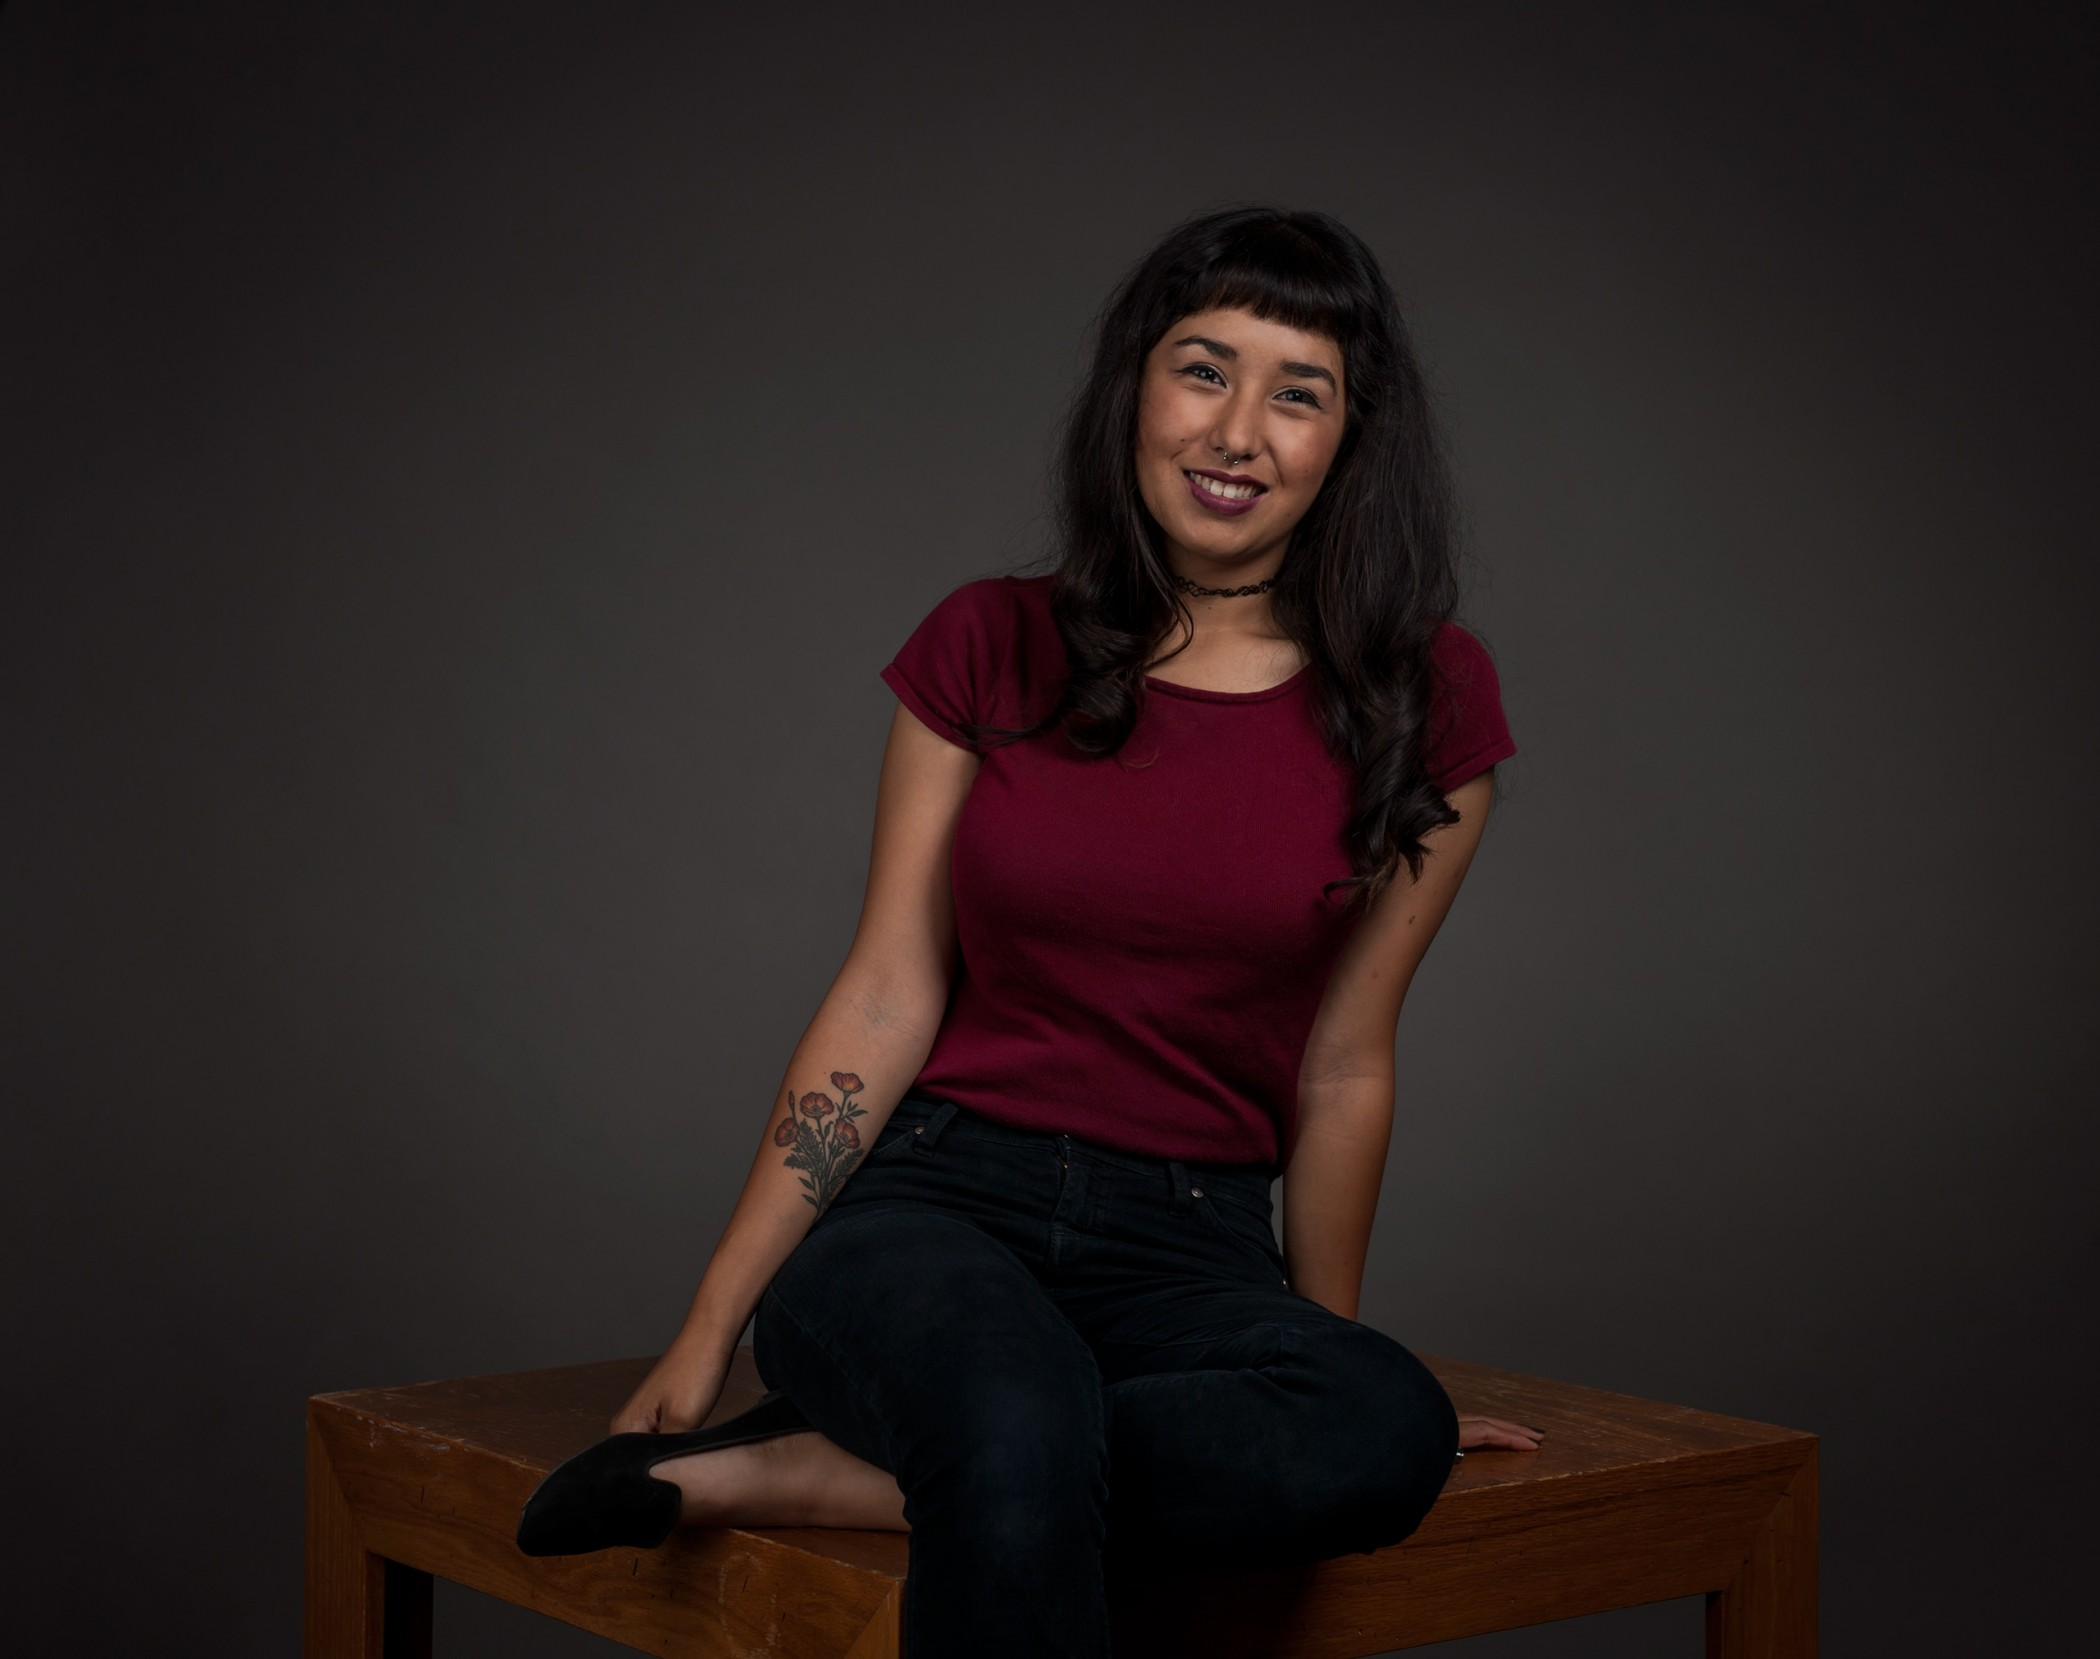 Michelle Barboza portrait